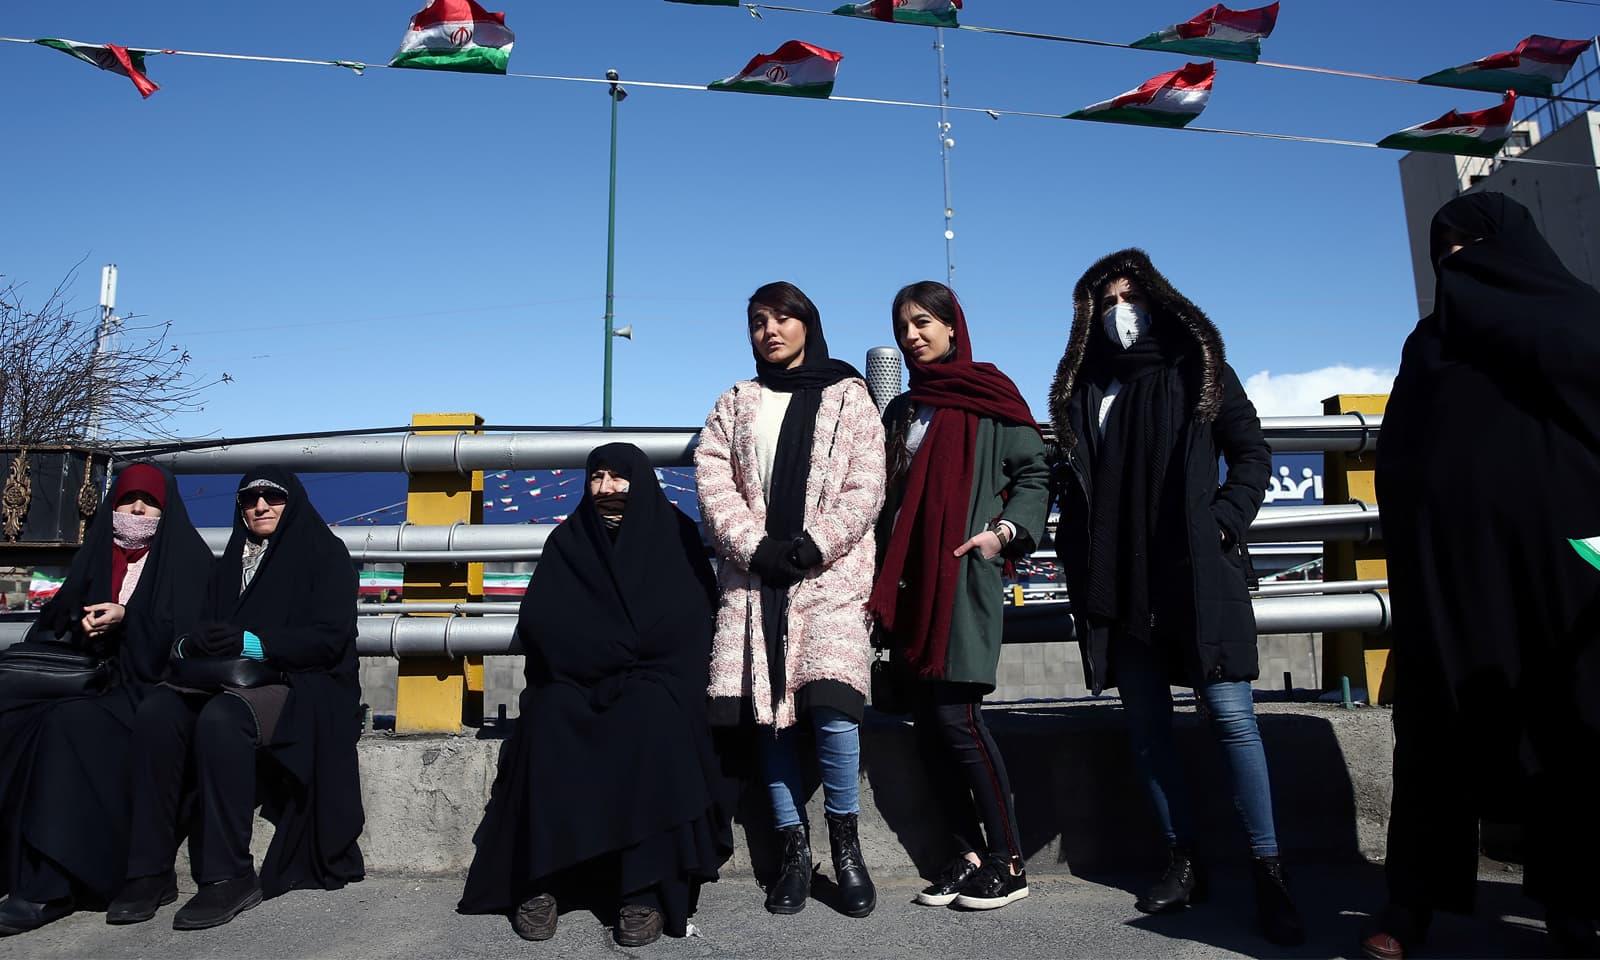 مردوں کے علاوہ خواتین نے اسلامی انقلاب کی 41 ویں جشن میں بھرپور شرکت کی—فوٹو: رائٹرز